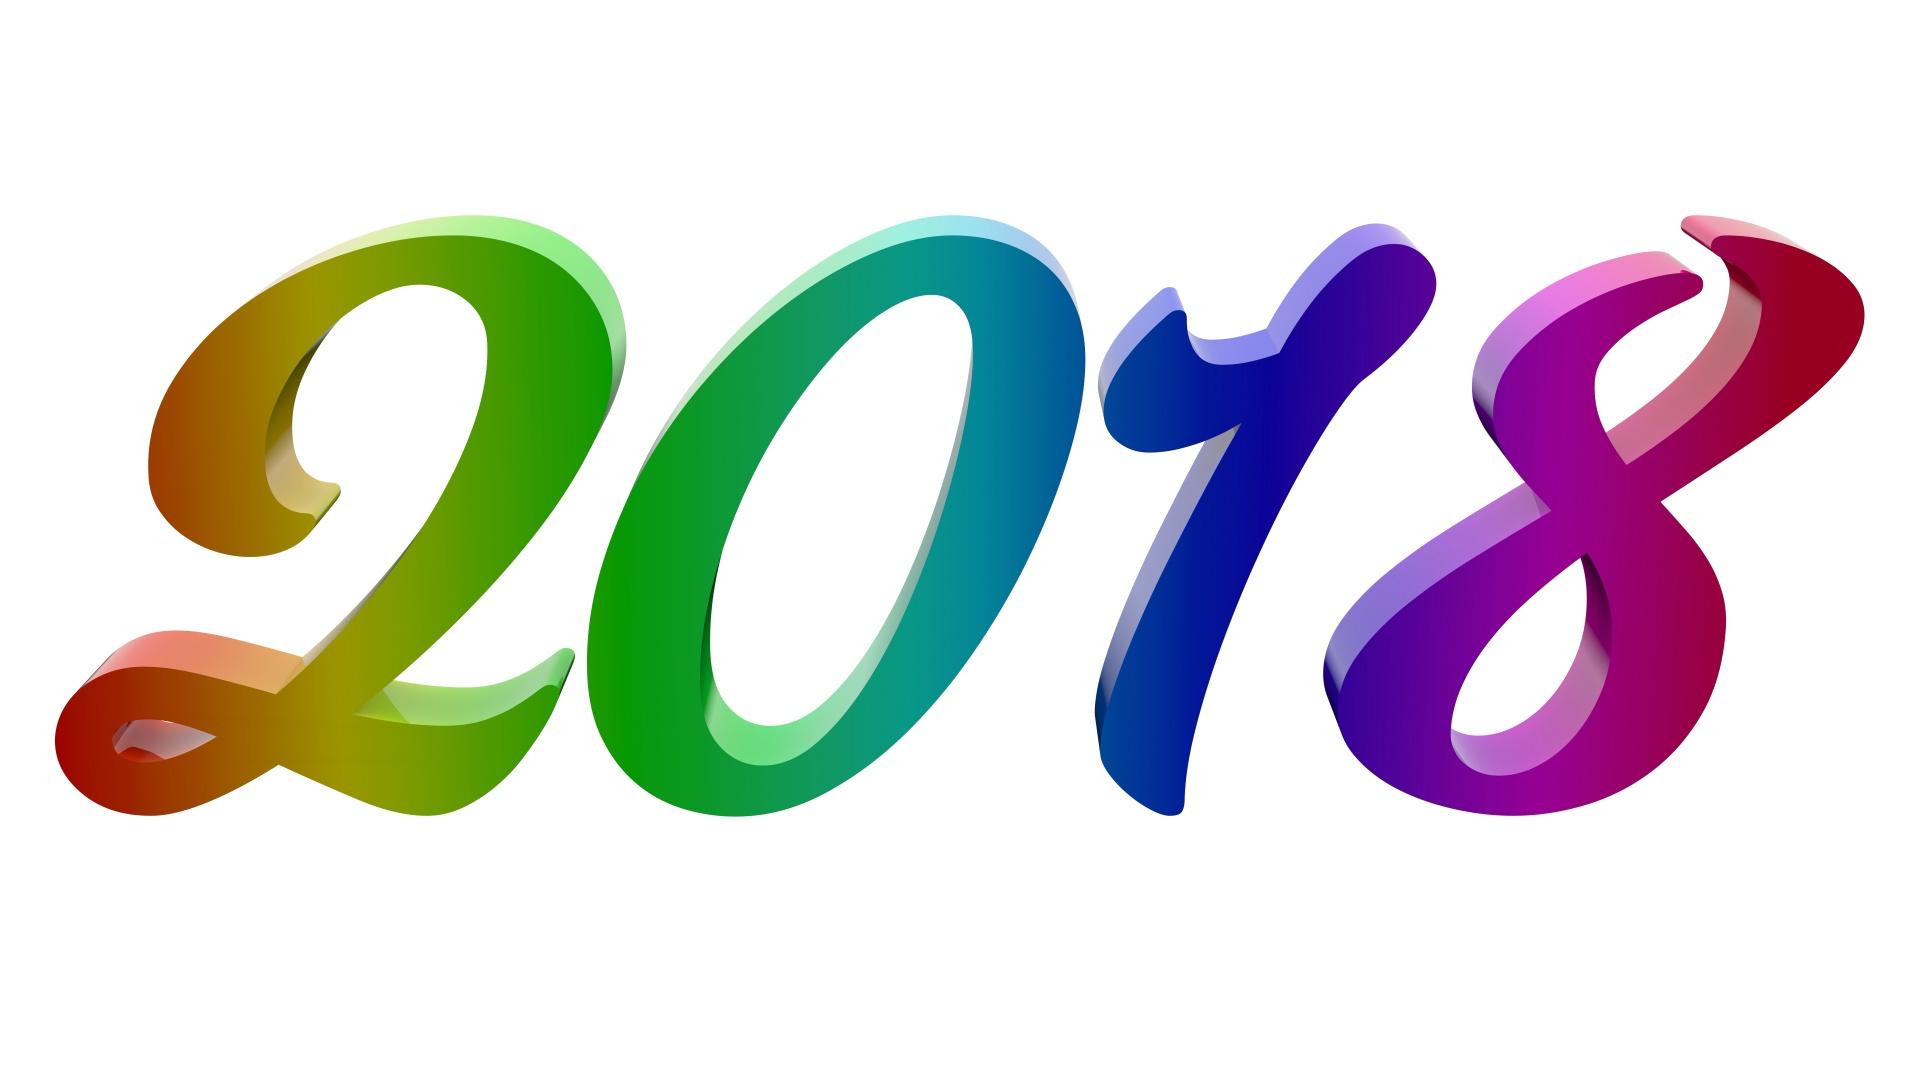 2018の運勢と古来から続く 開運 と言う概念の真実 占いでおもてなし